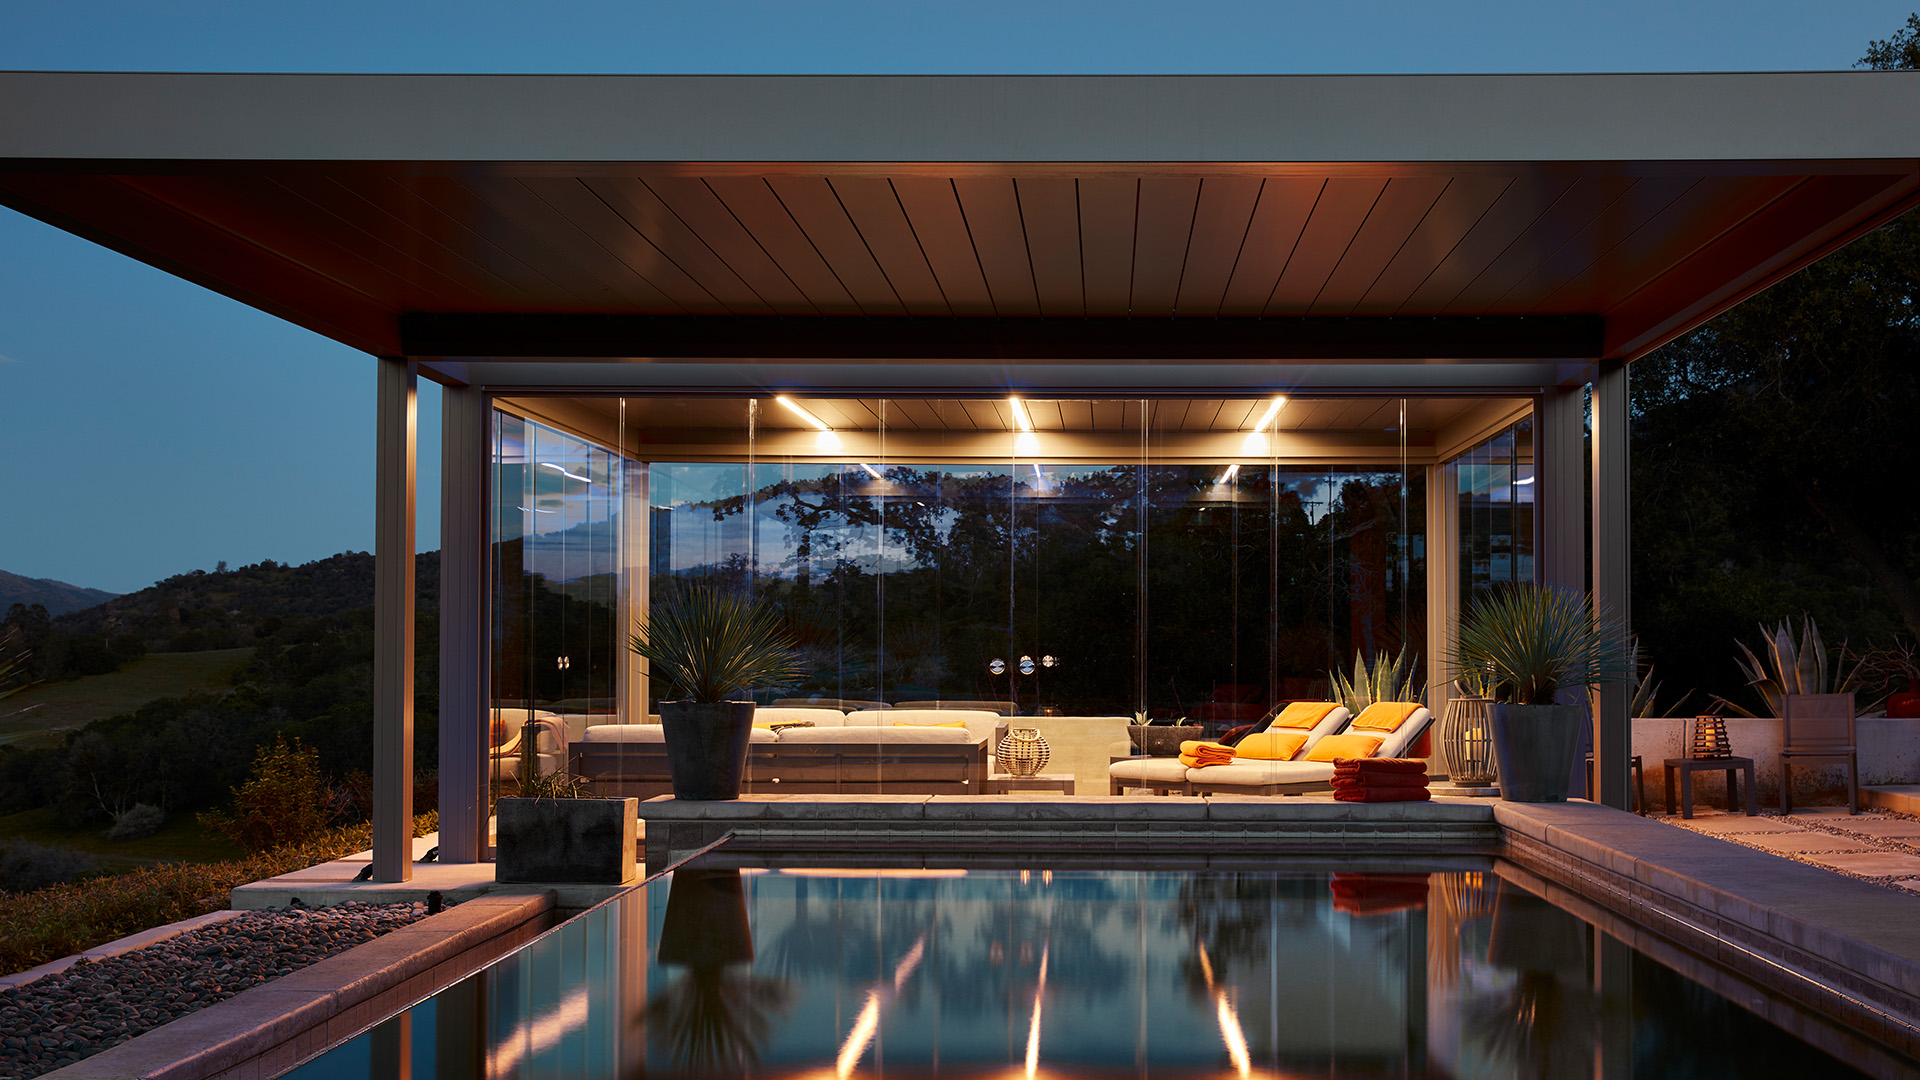 beleuchtetes Camargue Lamellendach an einem Pool